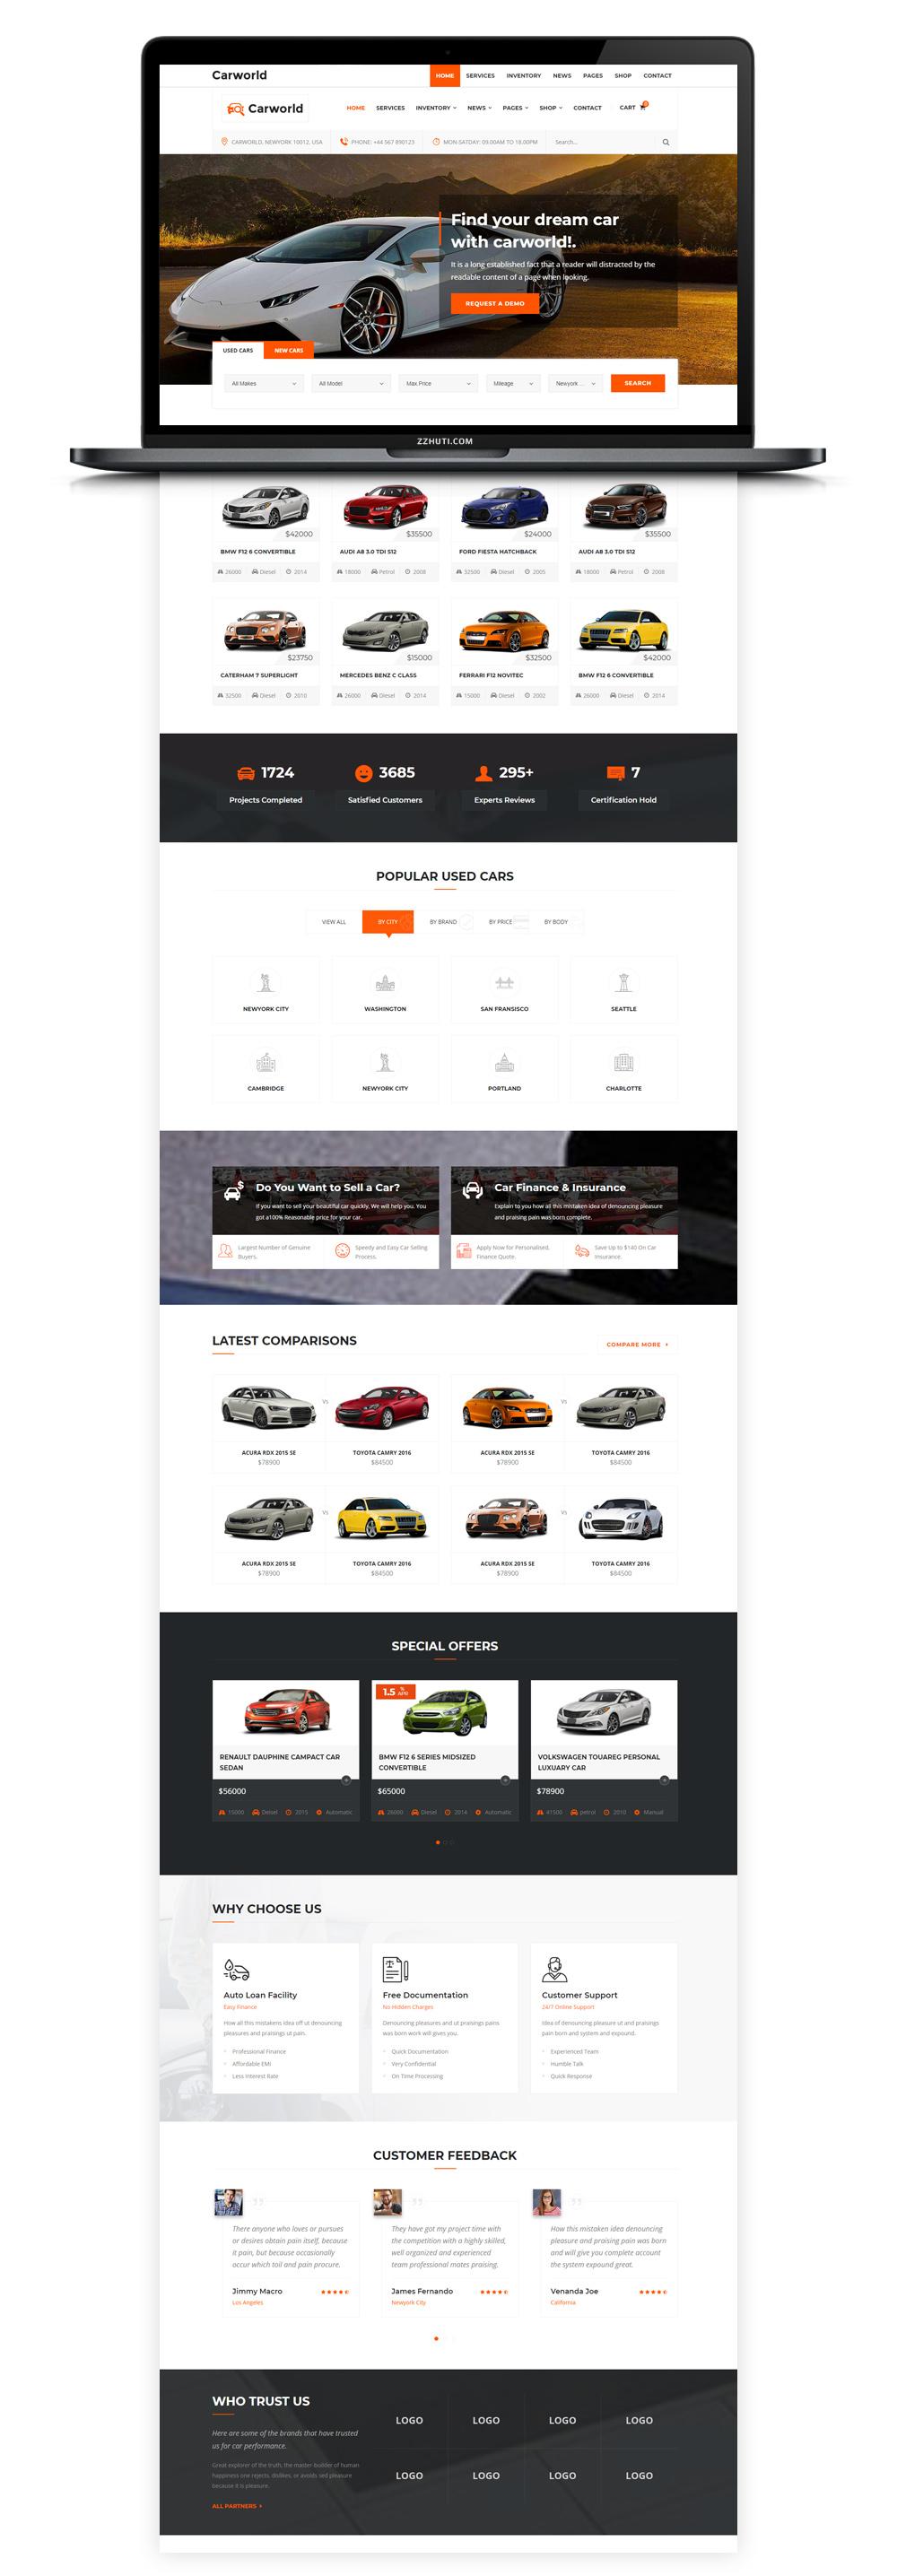 【汽车HTML网页】橙色大气Bootstrap响应式汽车销售4S店网站模板-找主题源码